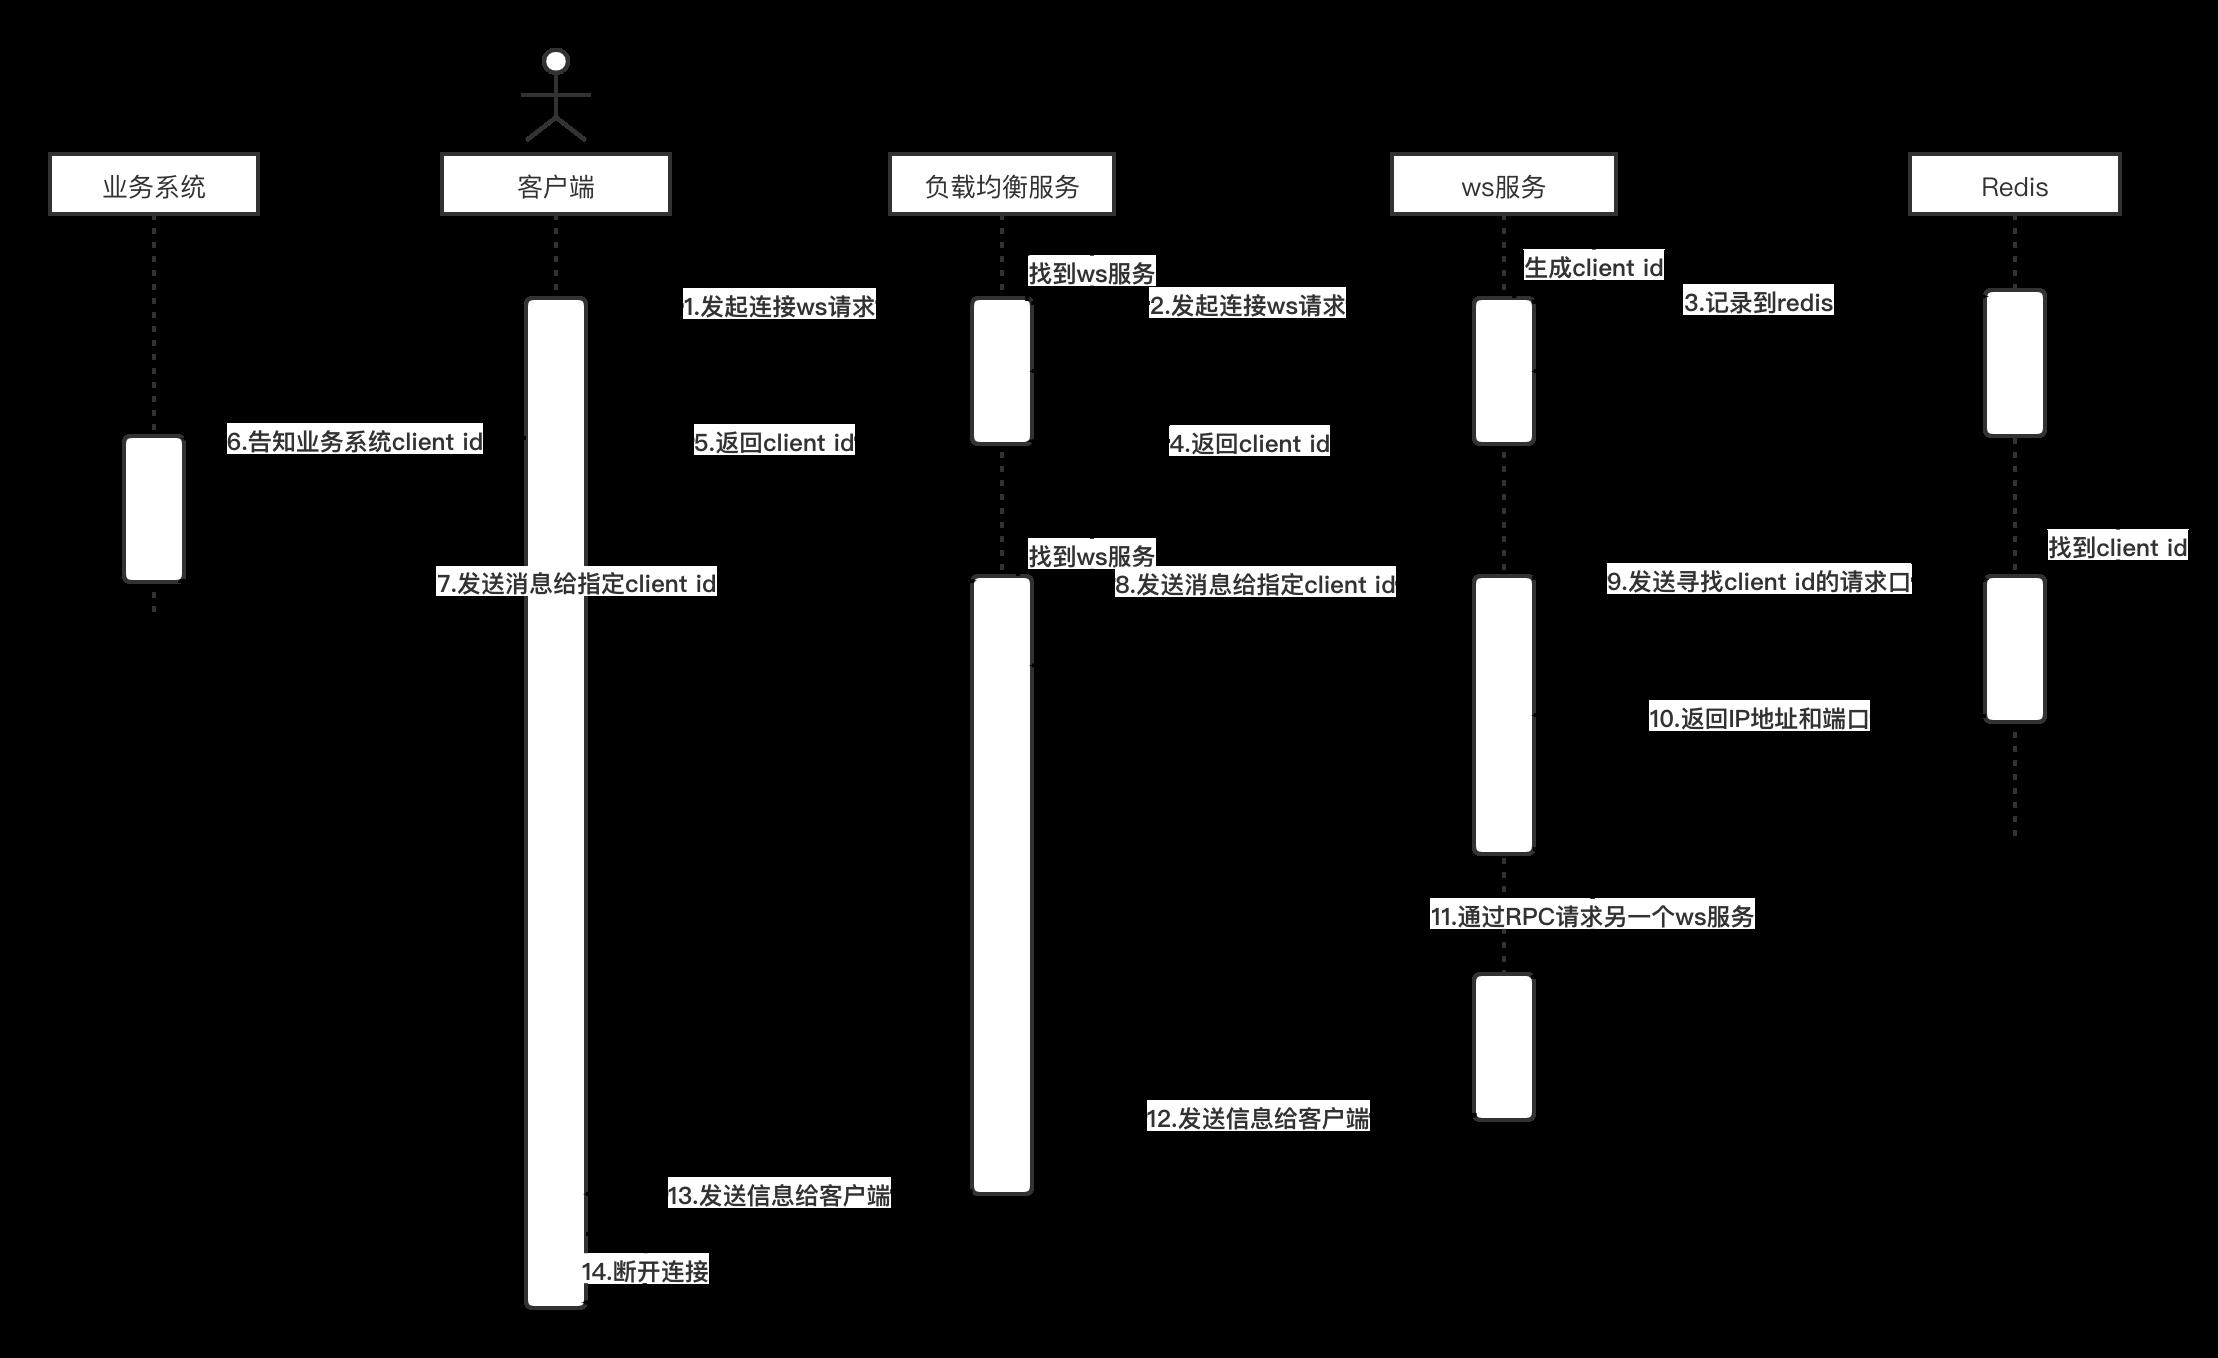 WebSocket微服务单发时序图